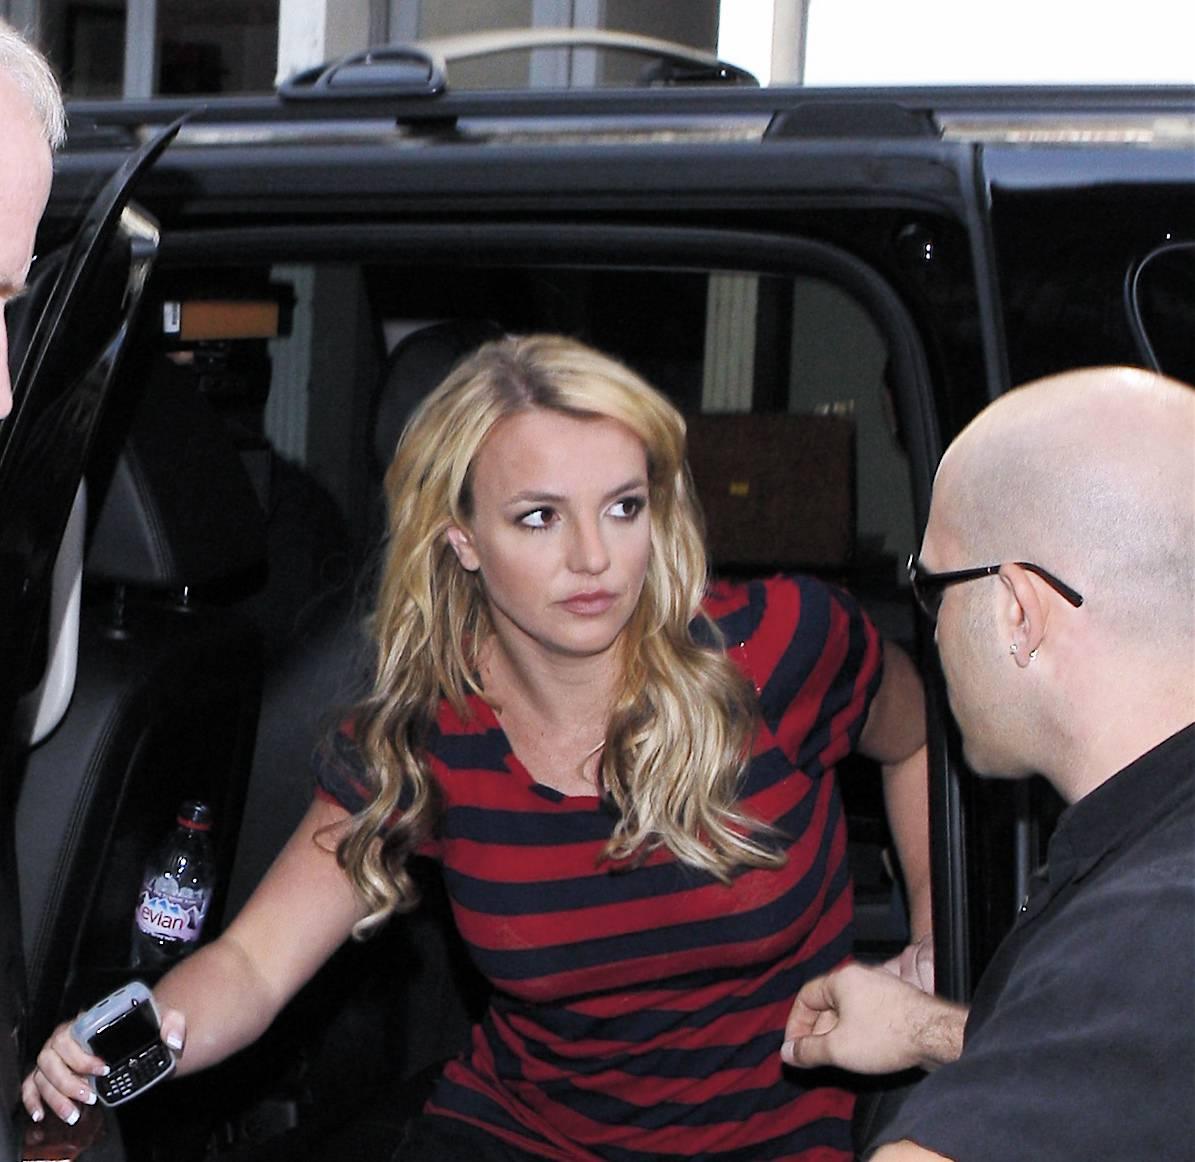 06760_Celebutopia-Britney_Spears_shopping_in_Soho-06_122_807lo.jpg